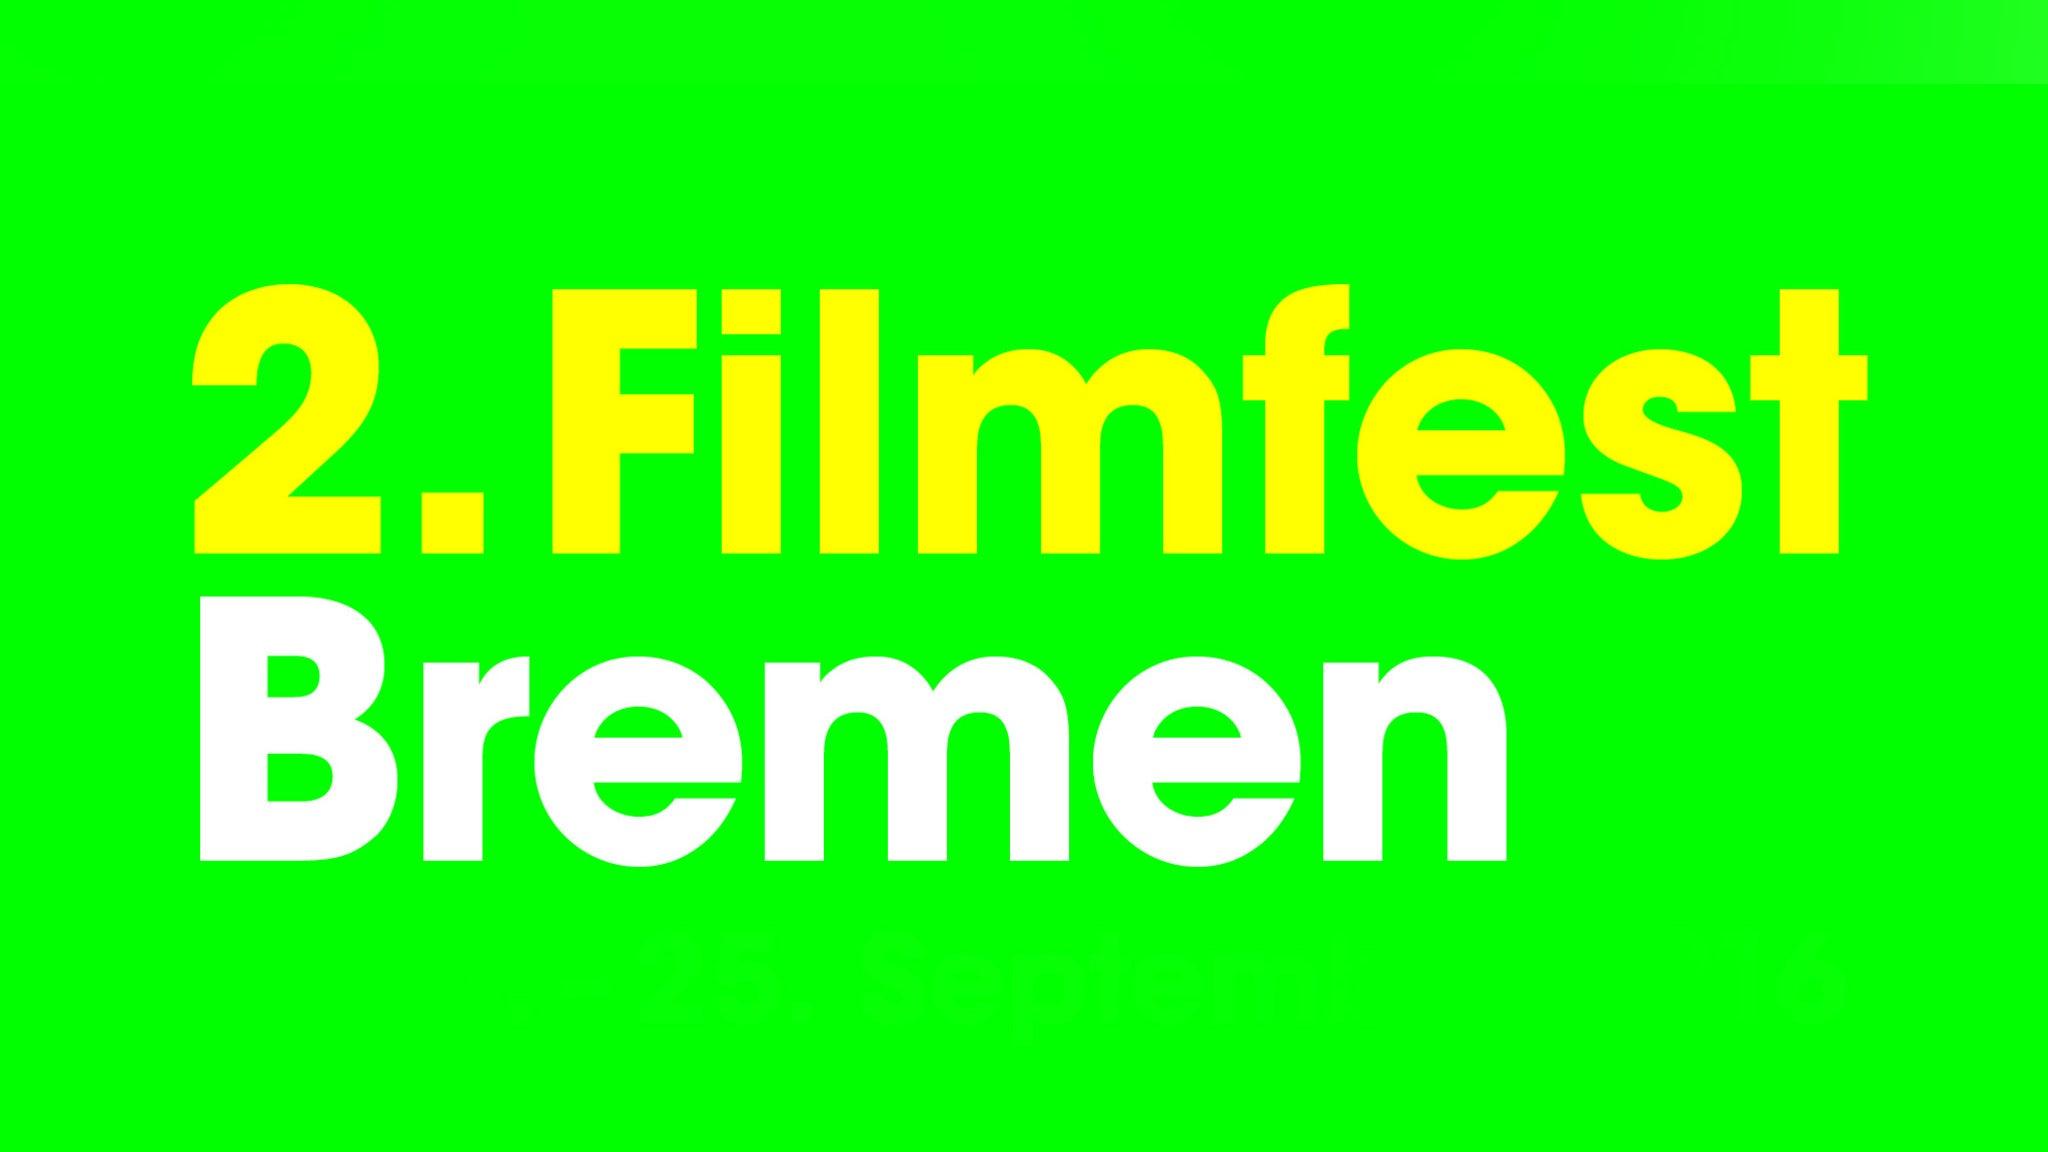 Bremen Ticket